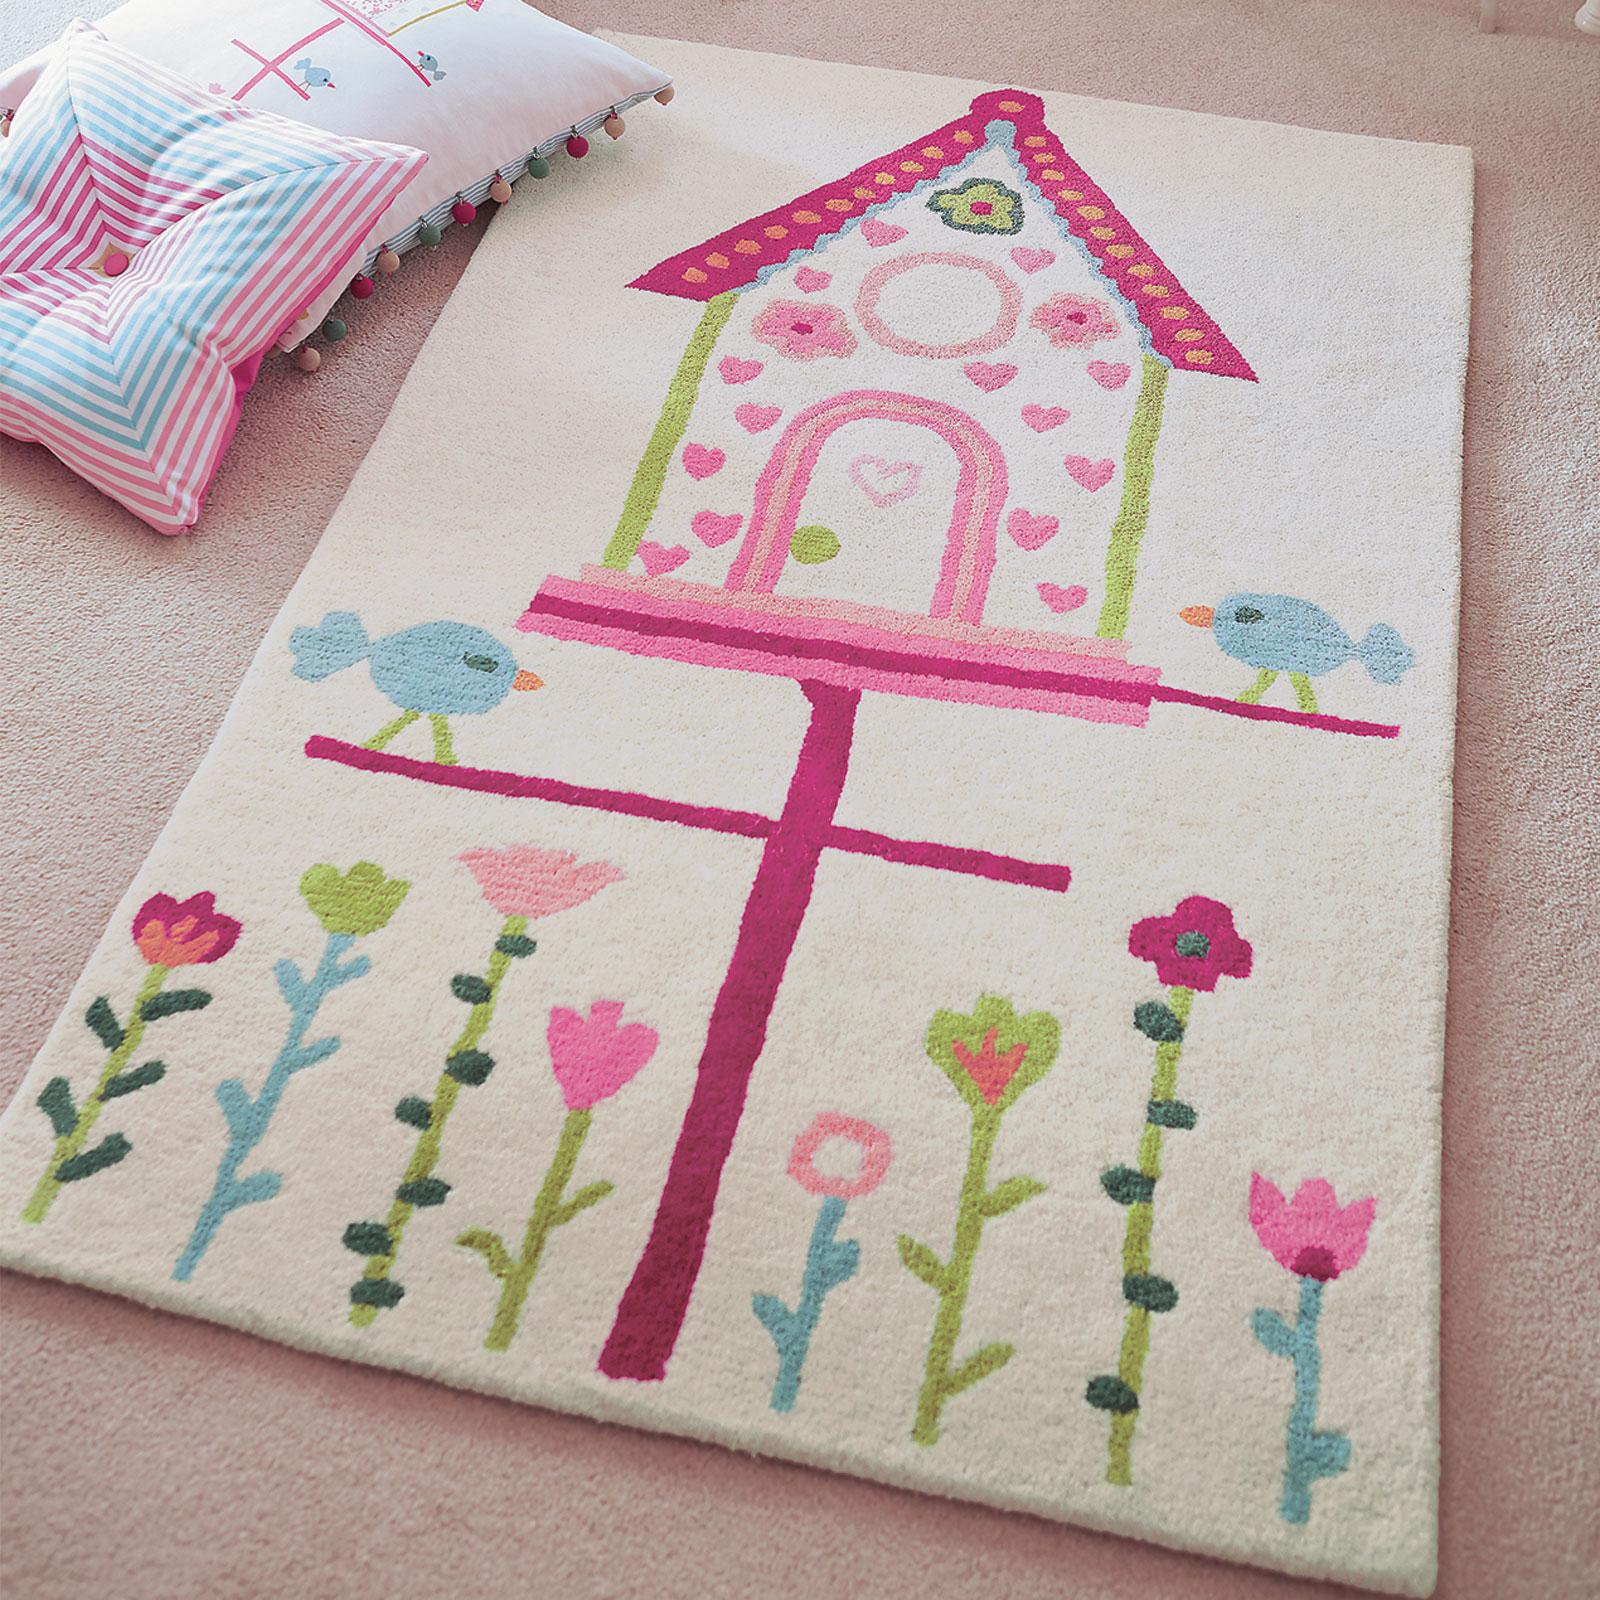 childrens rugs harlequin kids GTCWBFM